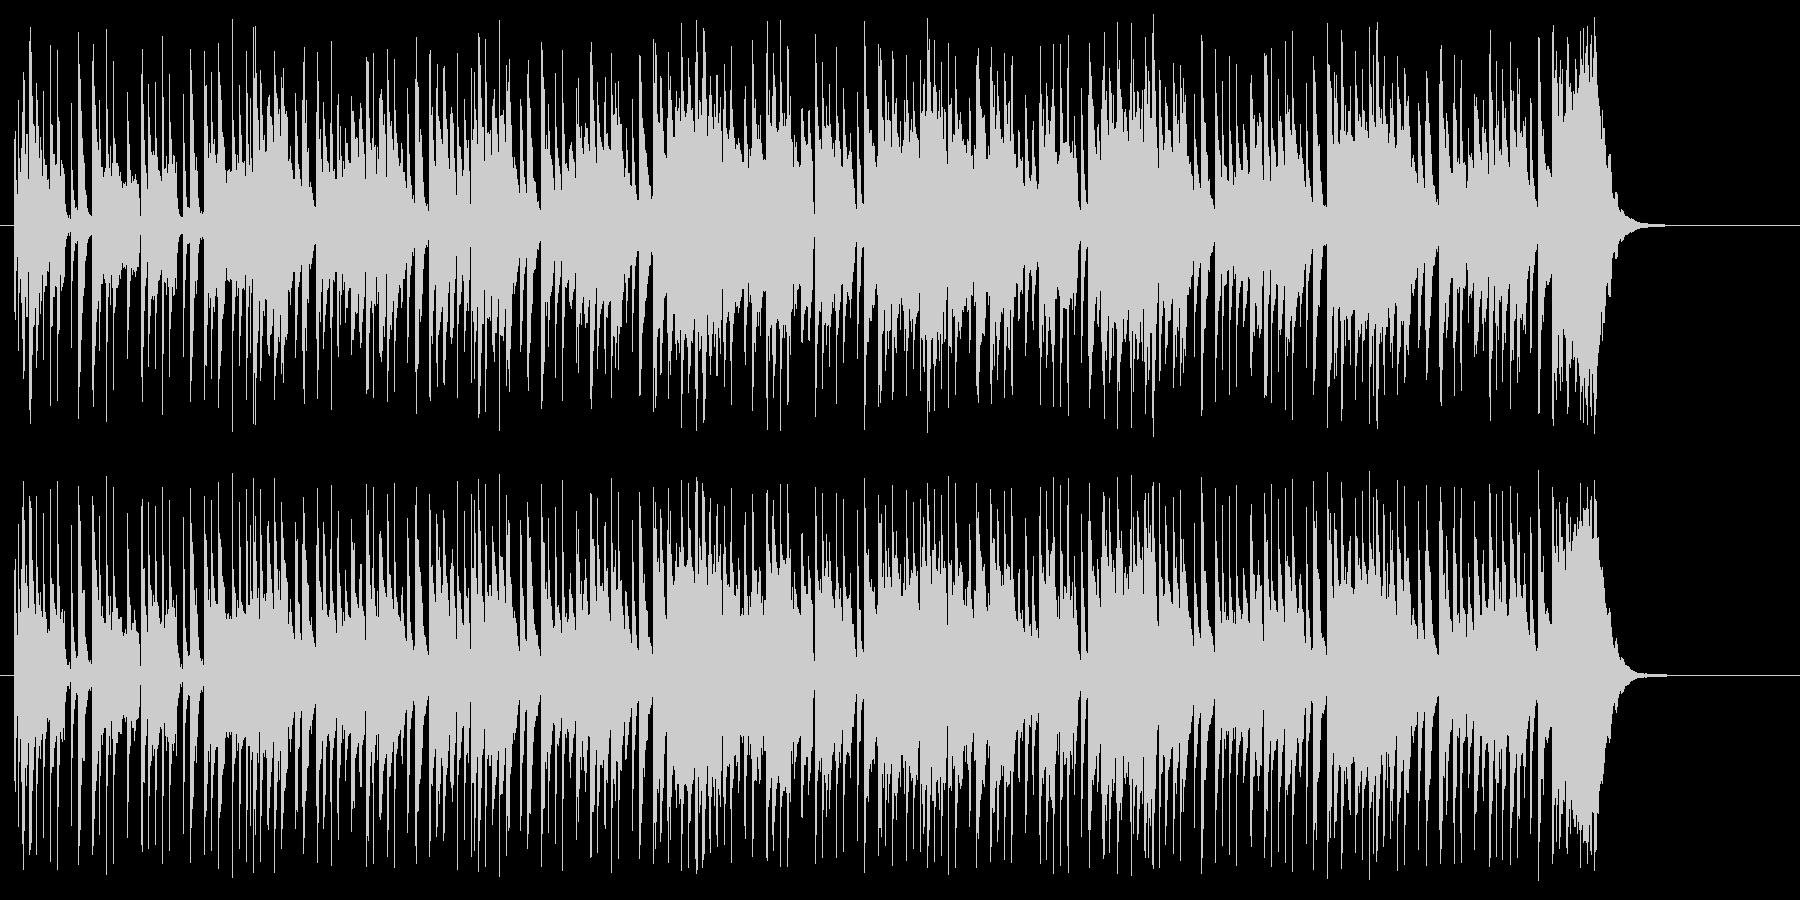 戯れのエレクトリック・ポップスの未再生の波形